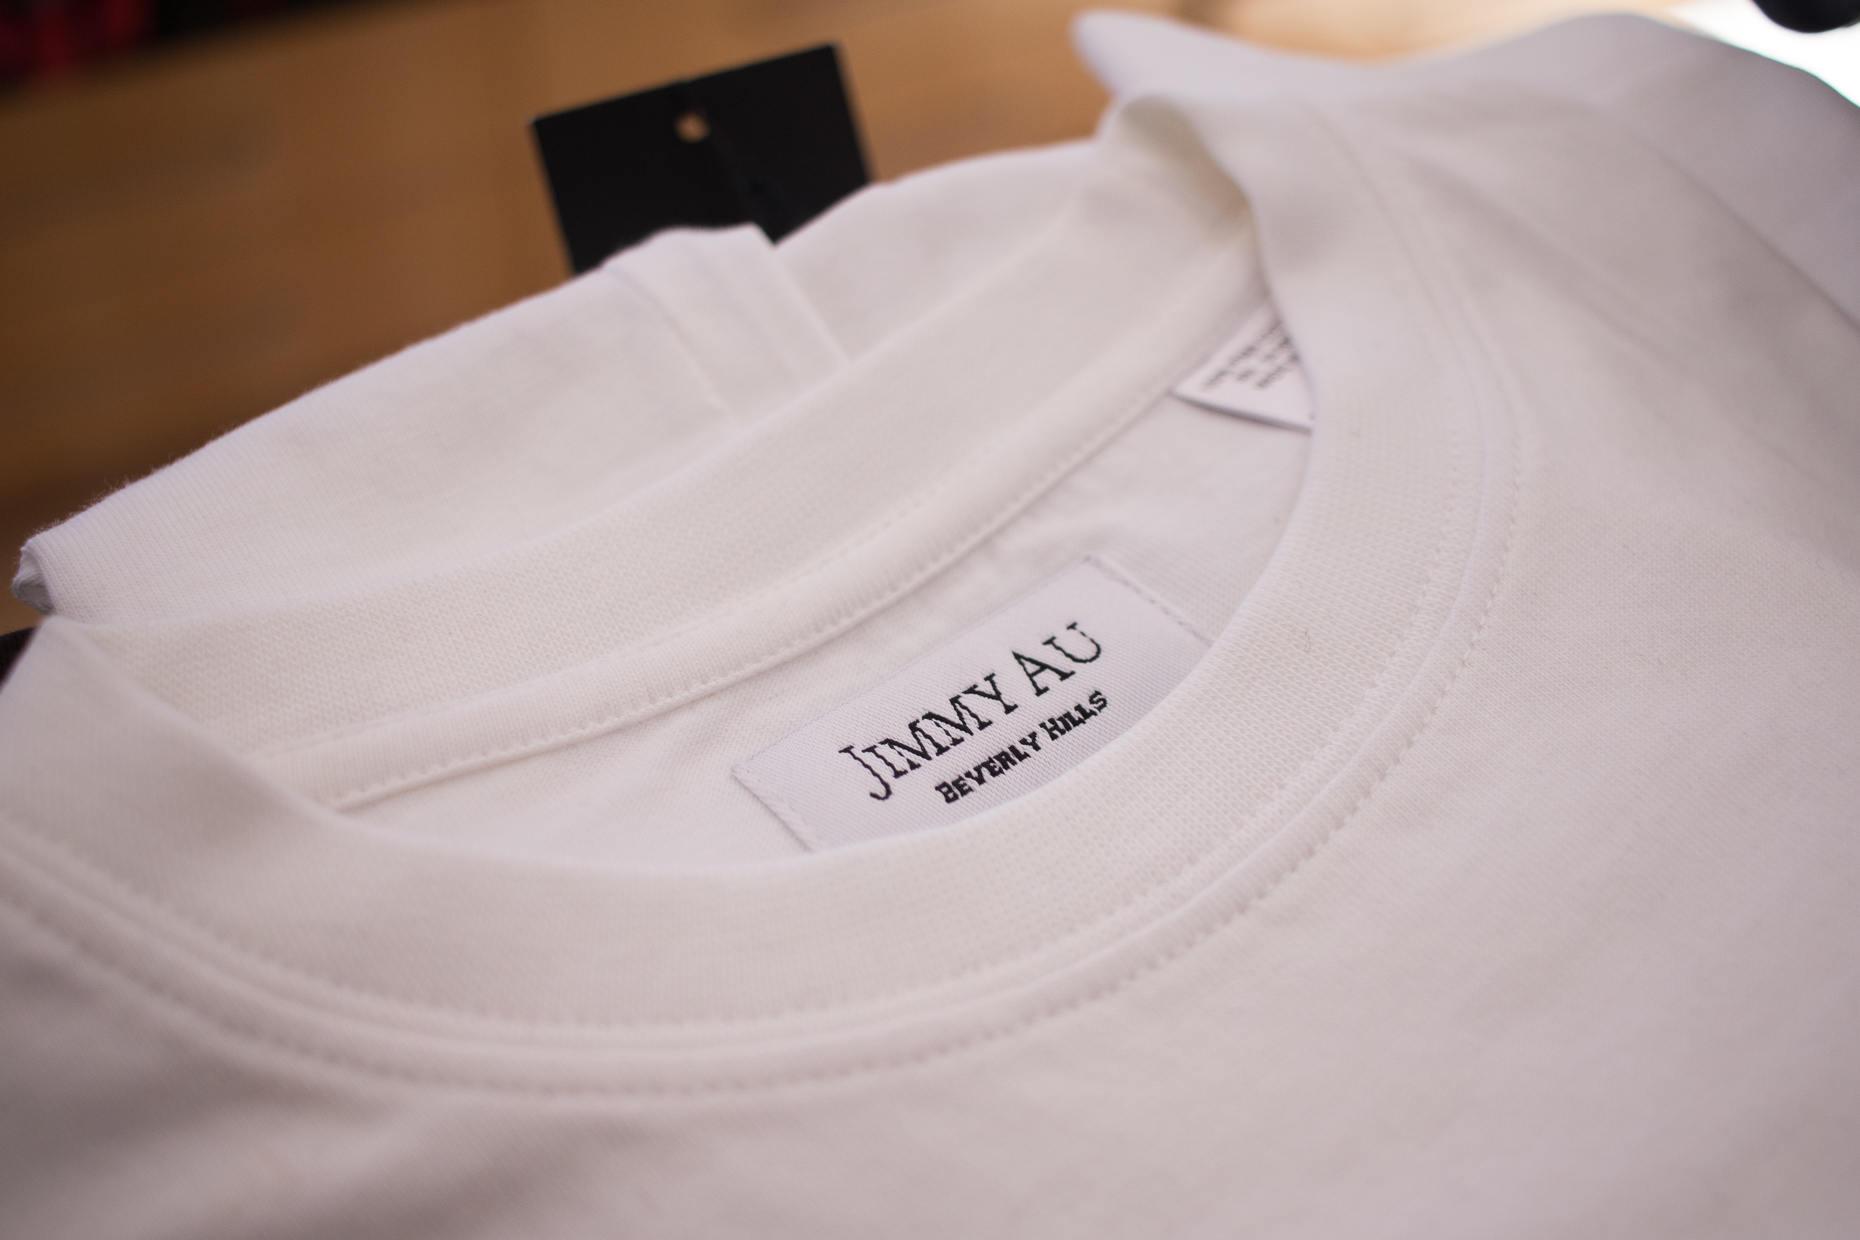 Jimmy Au's t-shirt